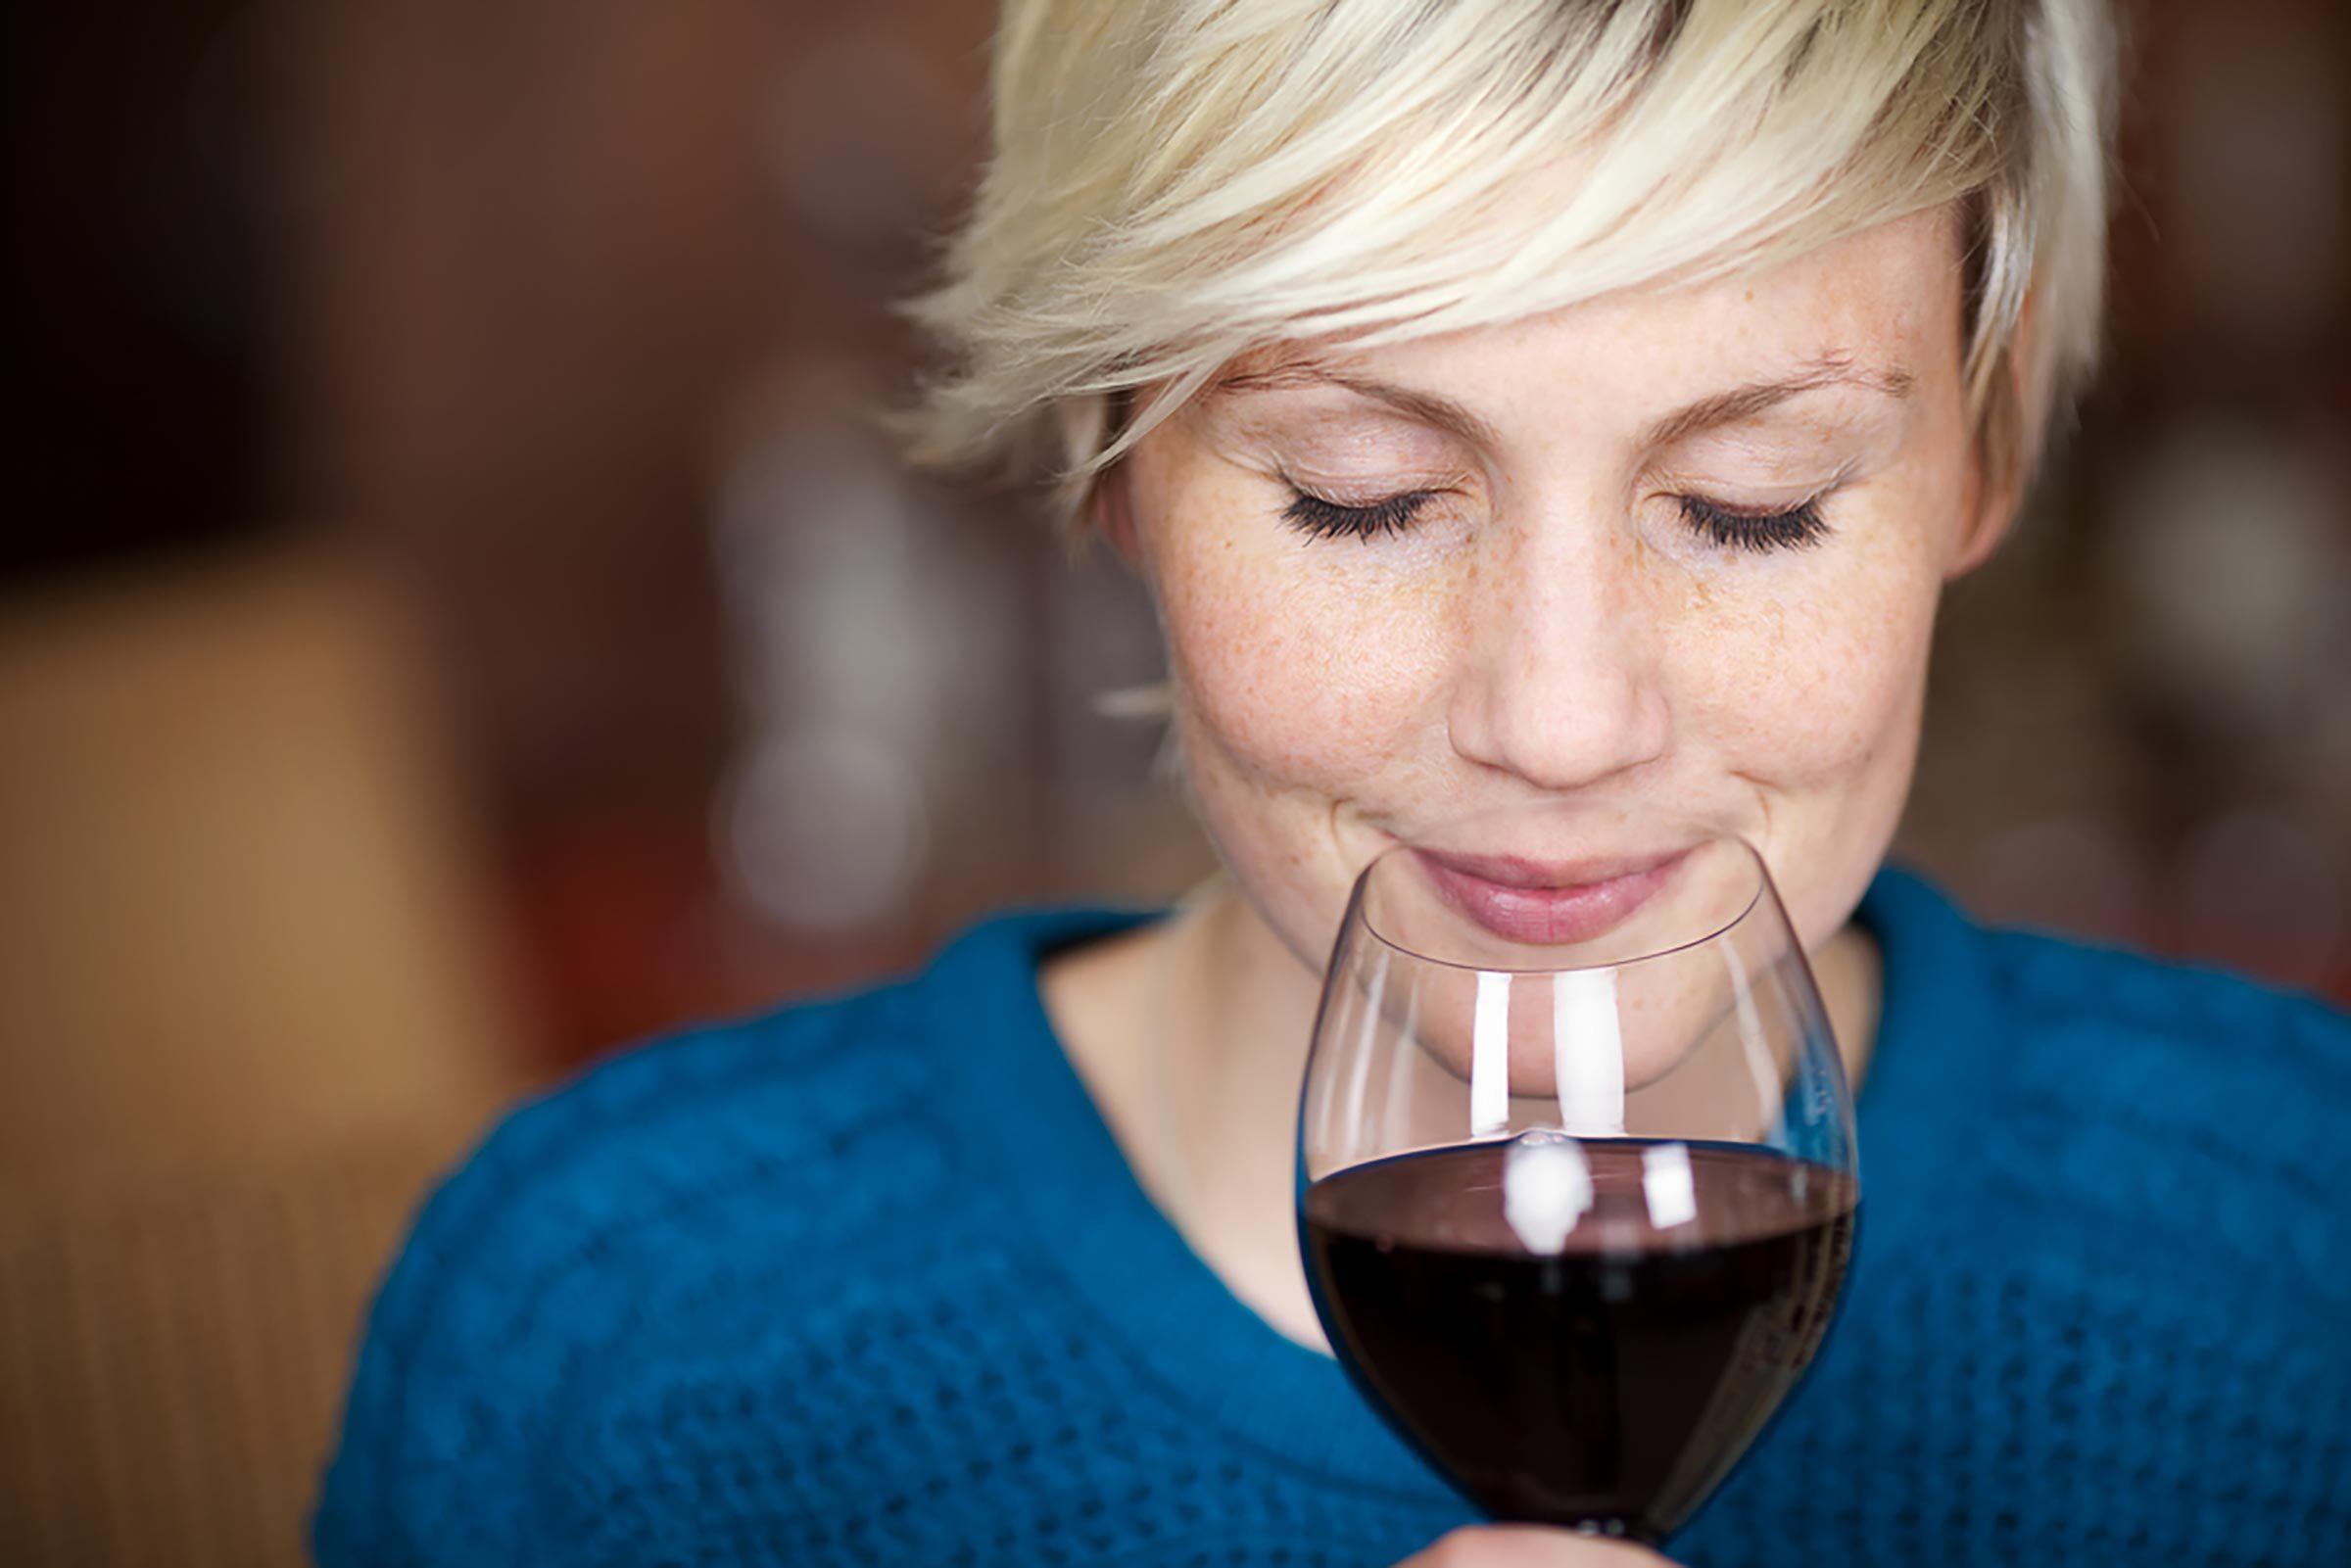 Conseil santé : s'arrêter à un verre de vin